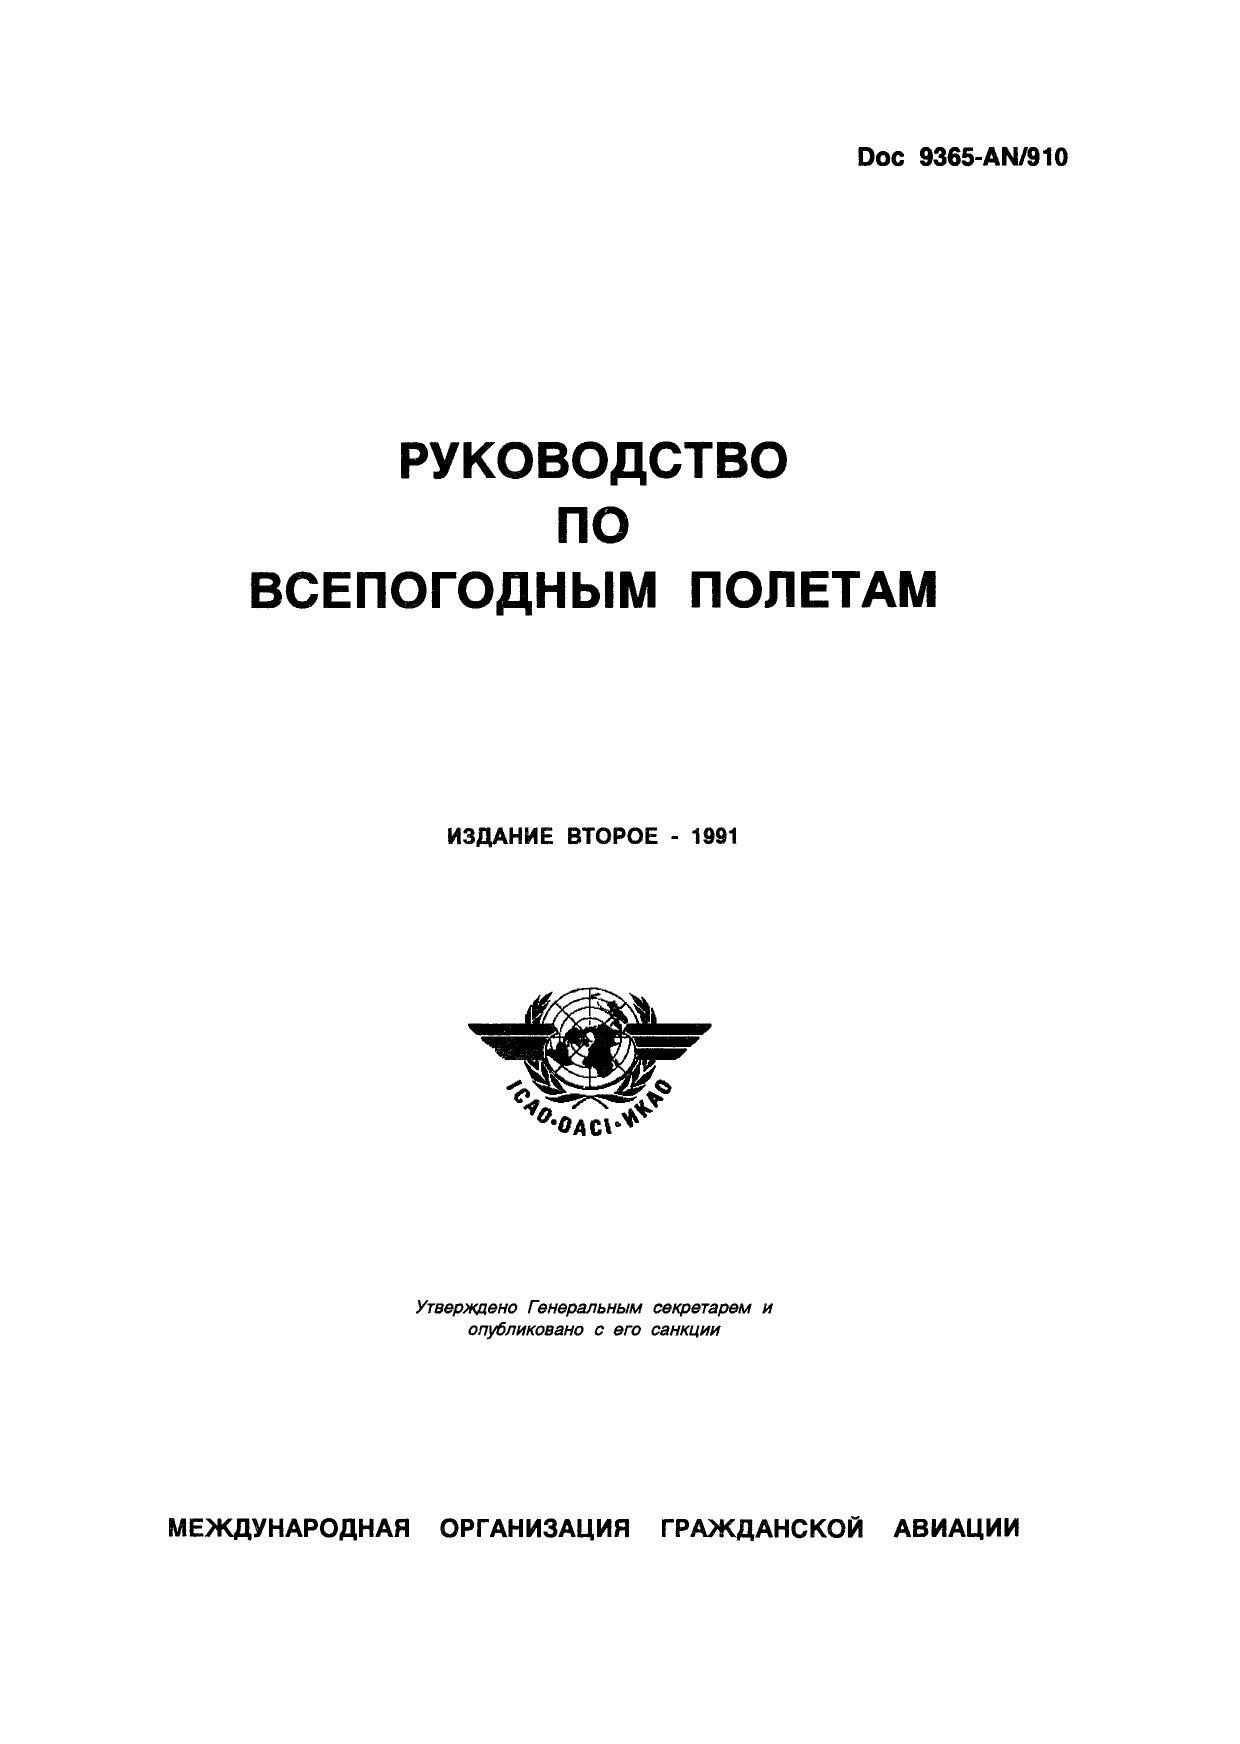 ICAO Doc 9365 Руководство по всепогодным полетам